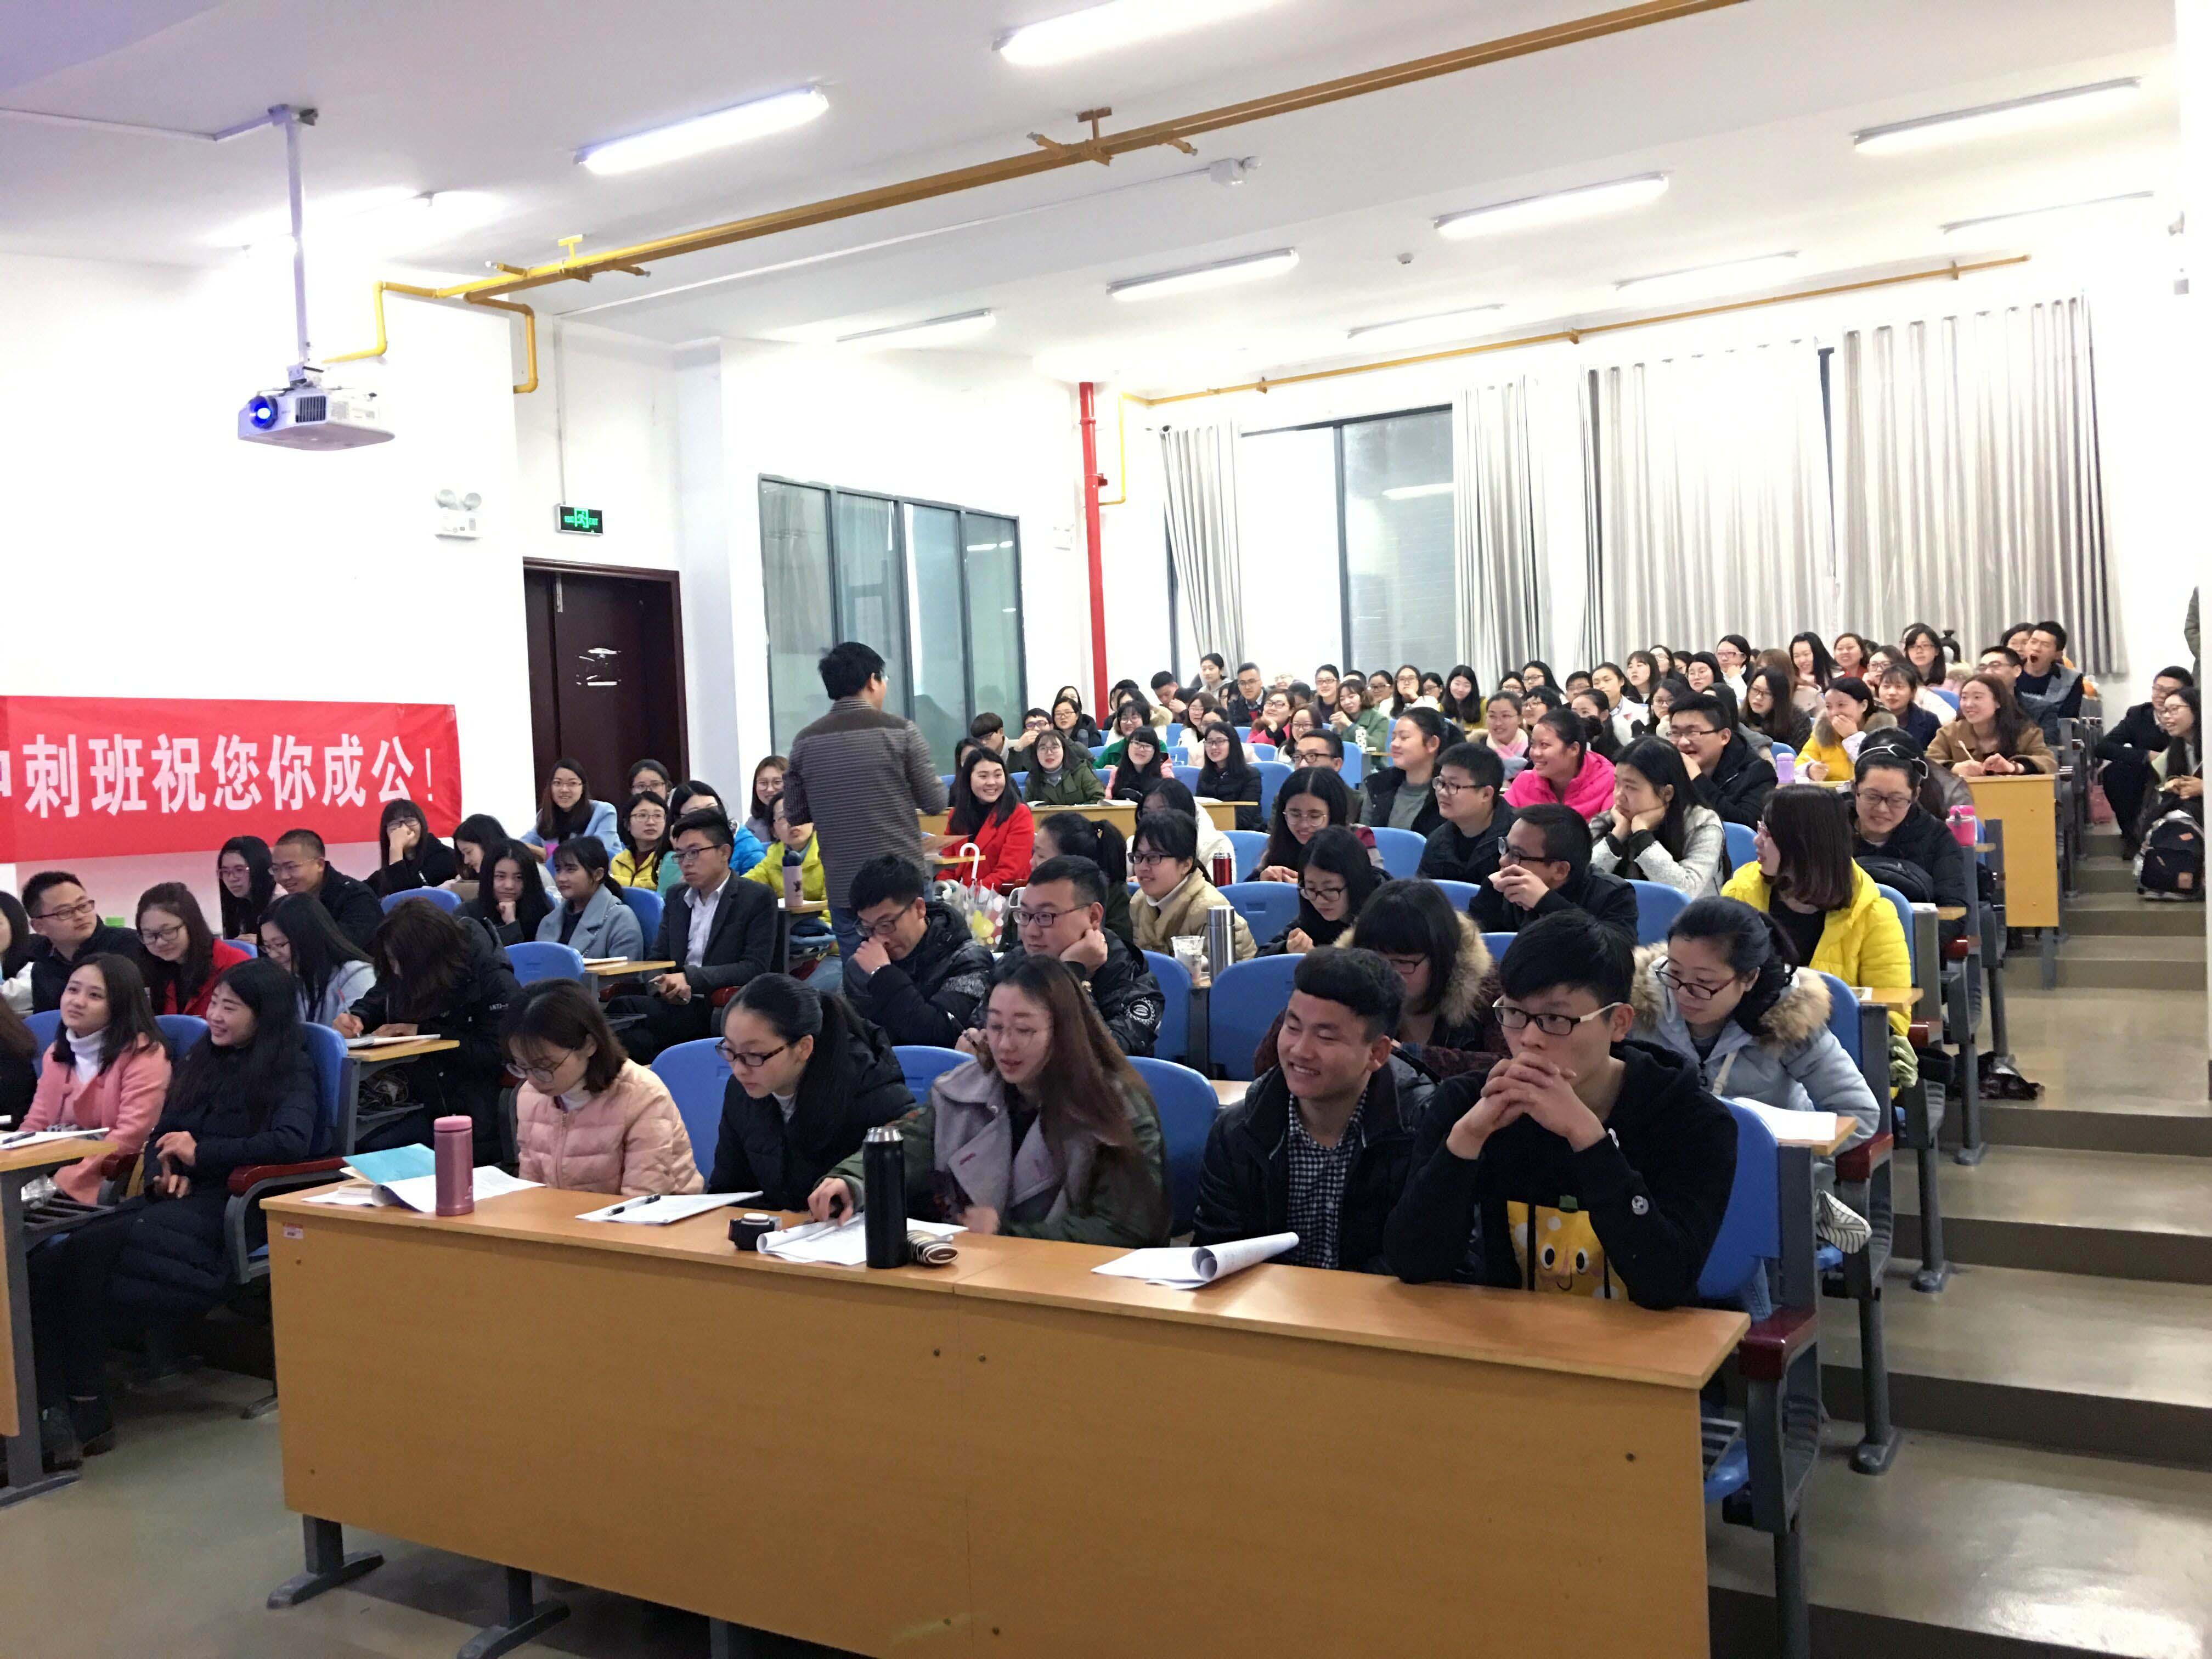 2017年省考笔试·湖北民族学院站